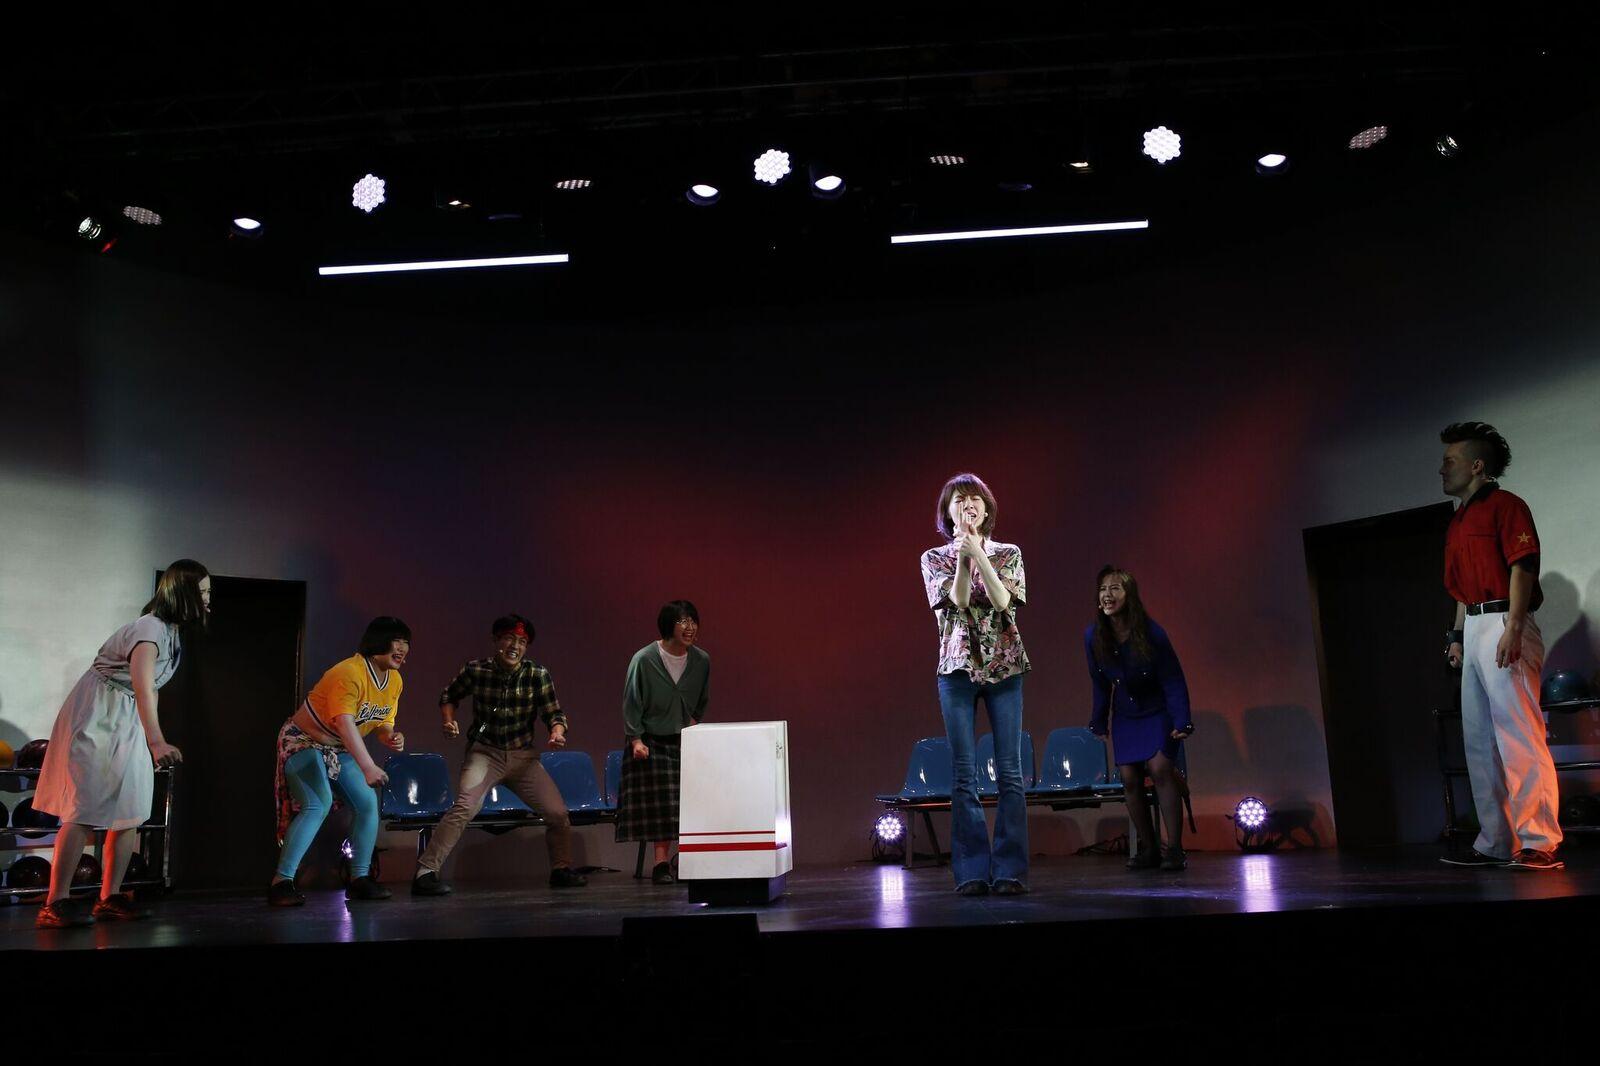 劇団4ドル50セント 週末定期公演 Vol.1舞台写真16